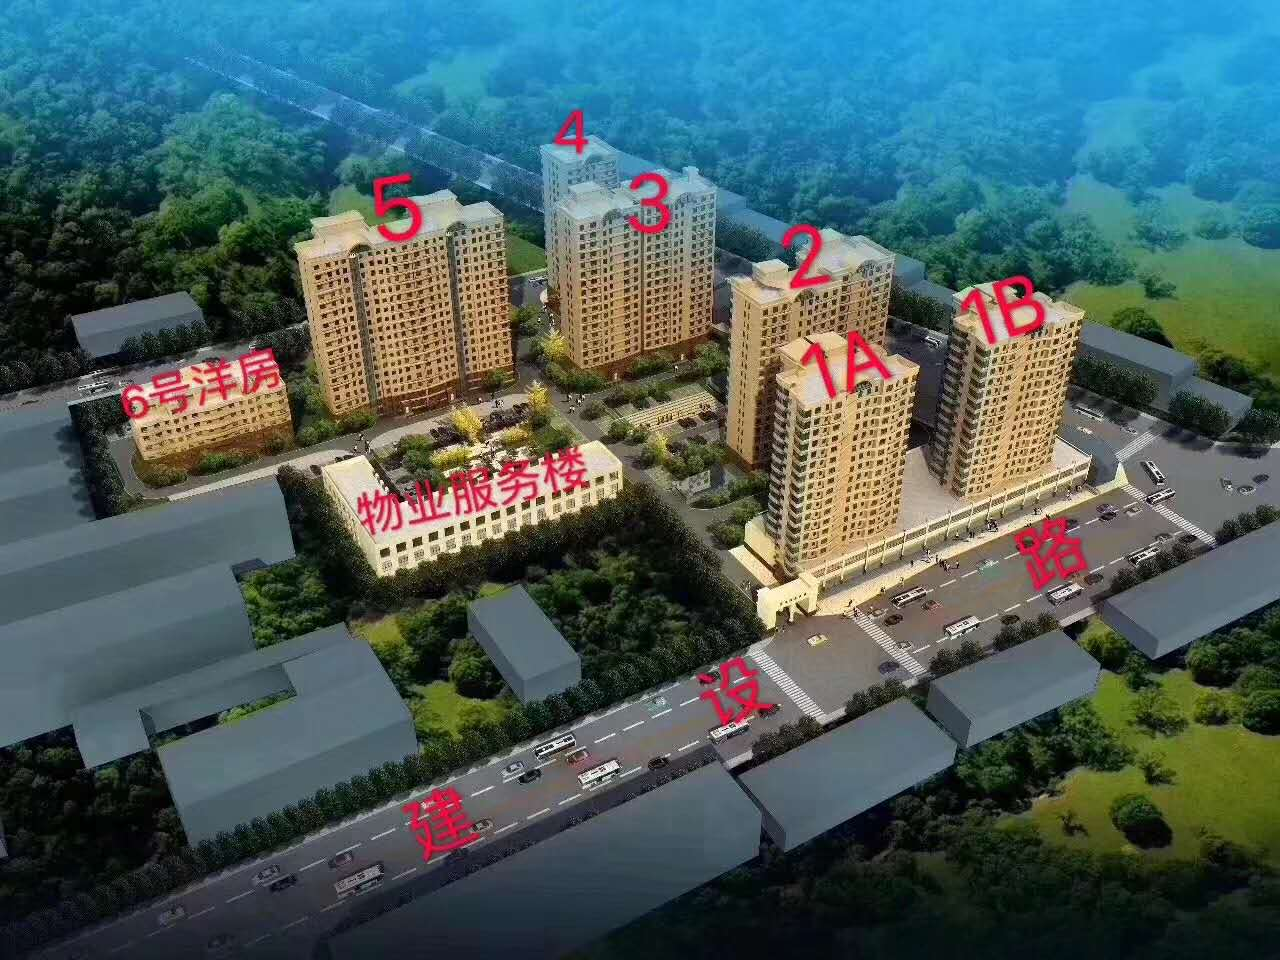 涿州宏远阳光丽景楼盘规划沙盘图